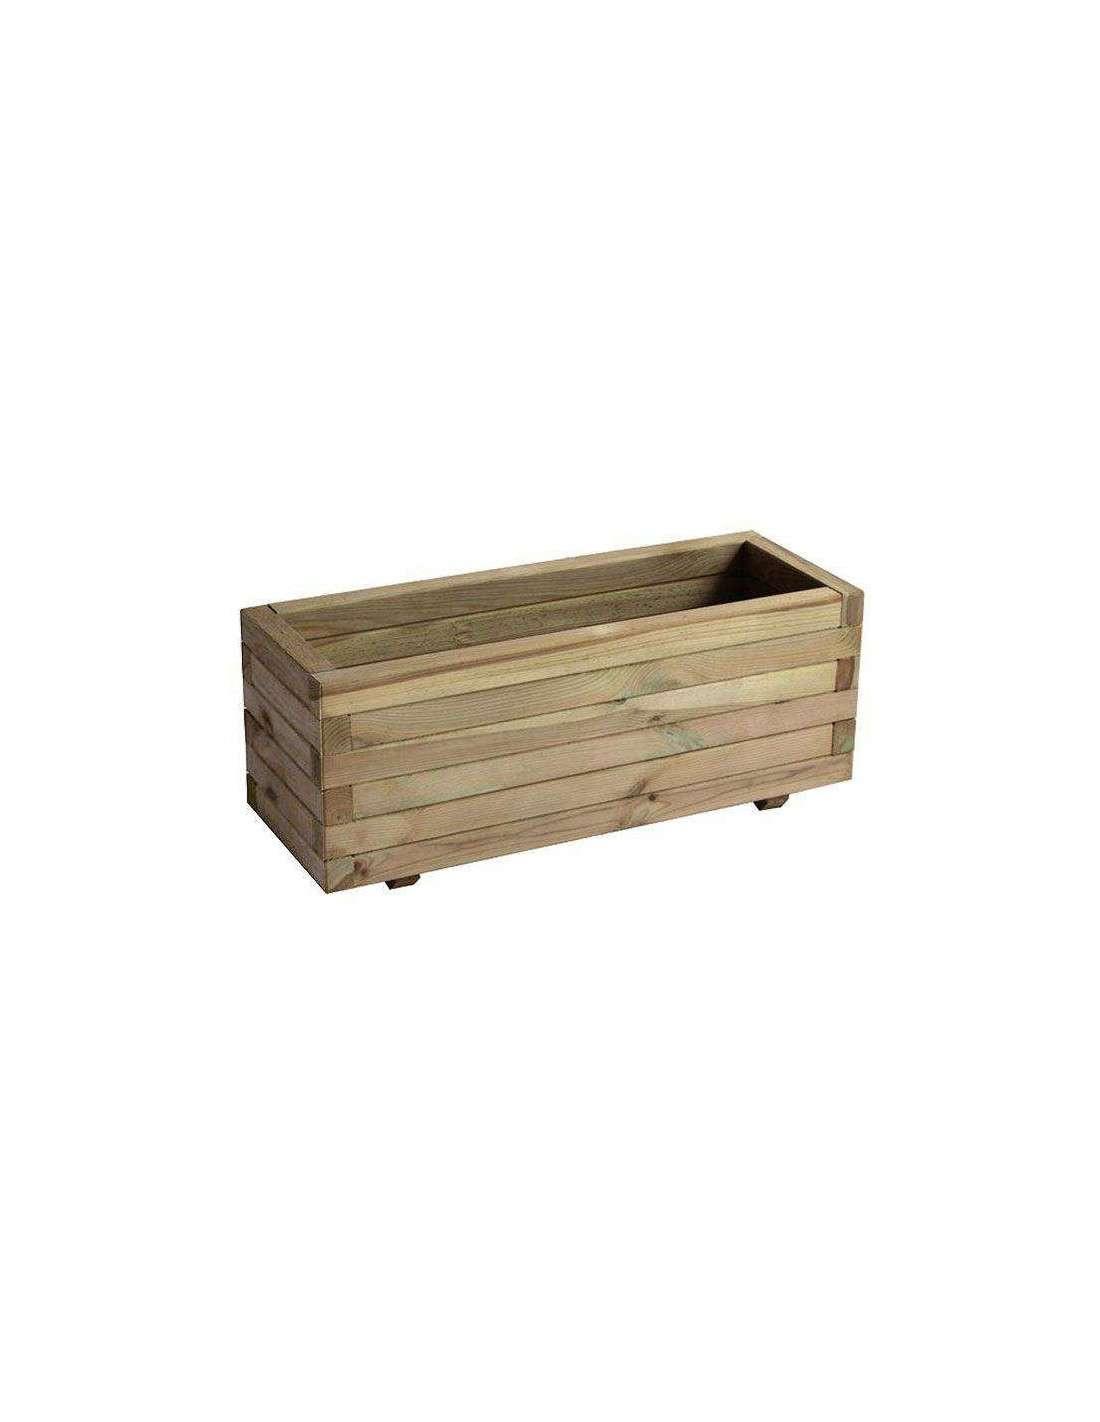 Jardinera rectangular madera fsc 60x60x30cm por 35 en cocopot - Jardinera de madera ...